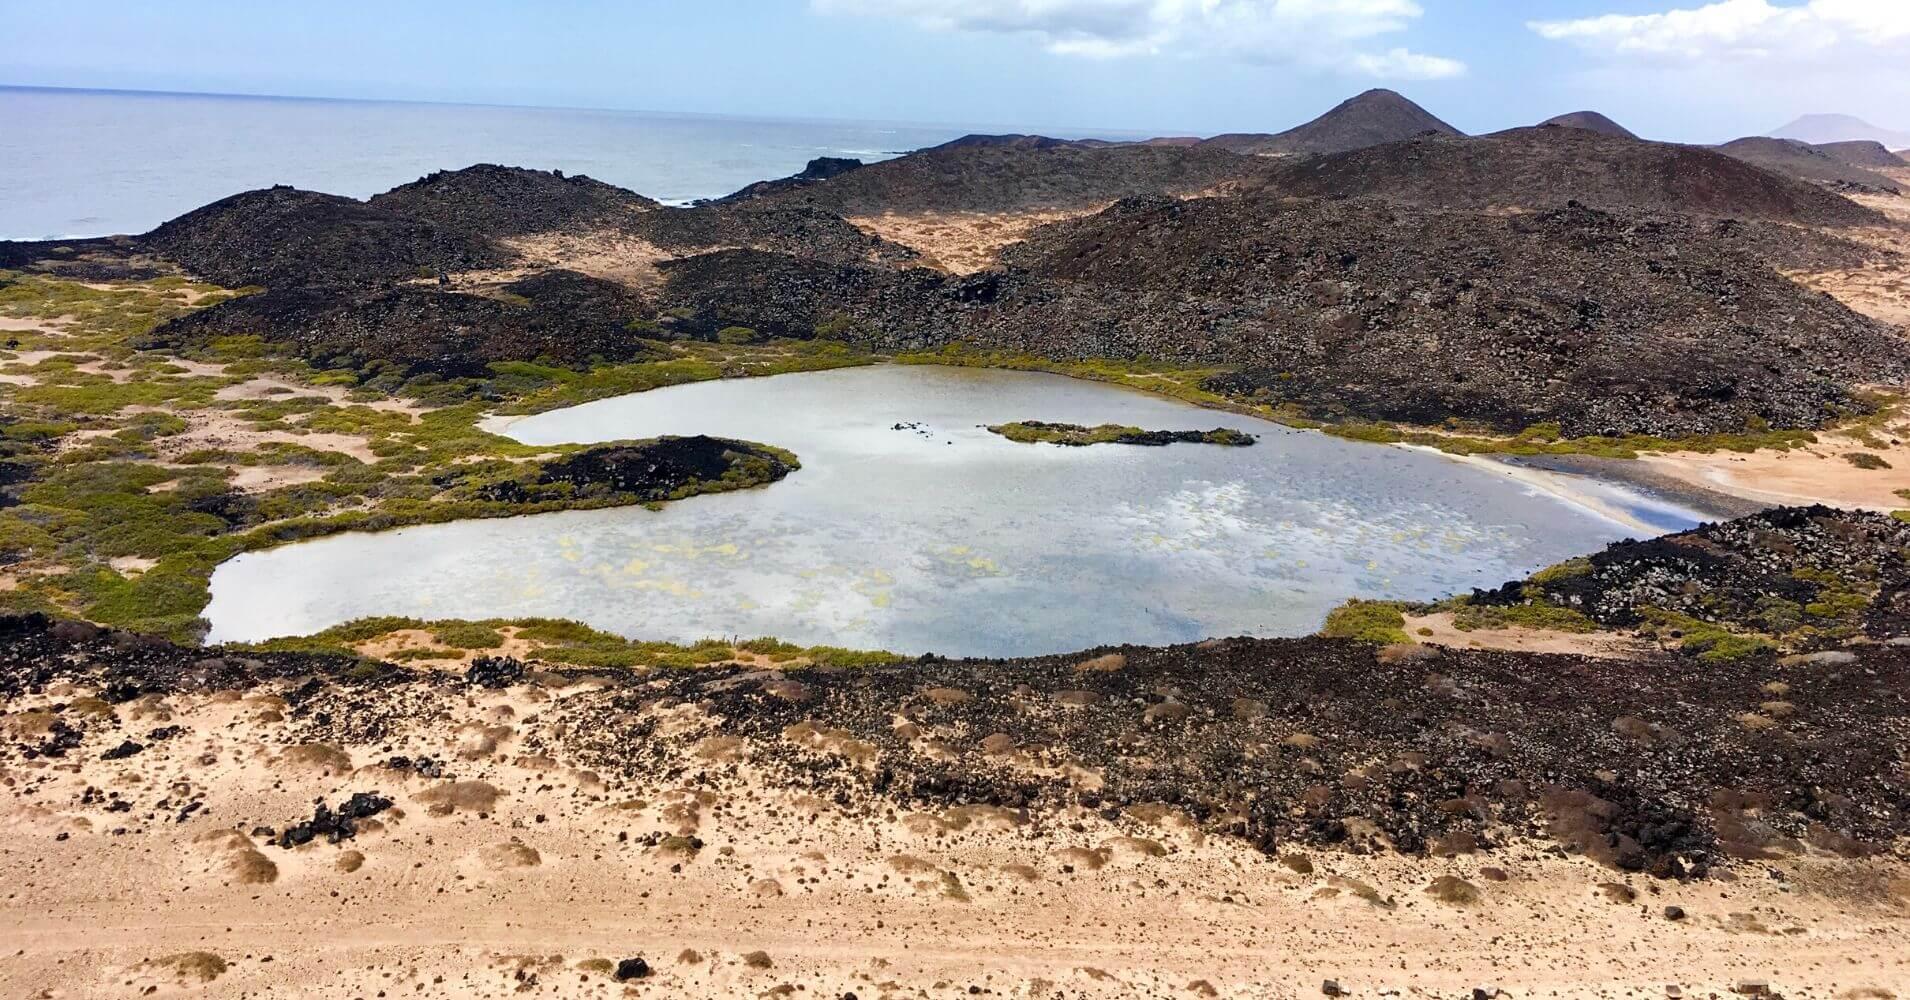 Las Lagunitas. Isla de Los Lobos. Fuerteventura. Islas Canarias.